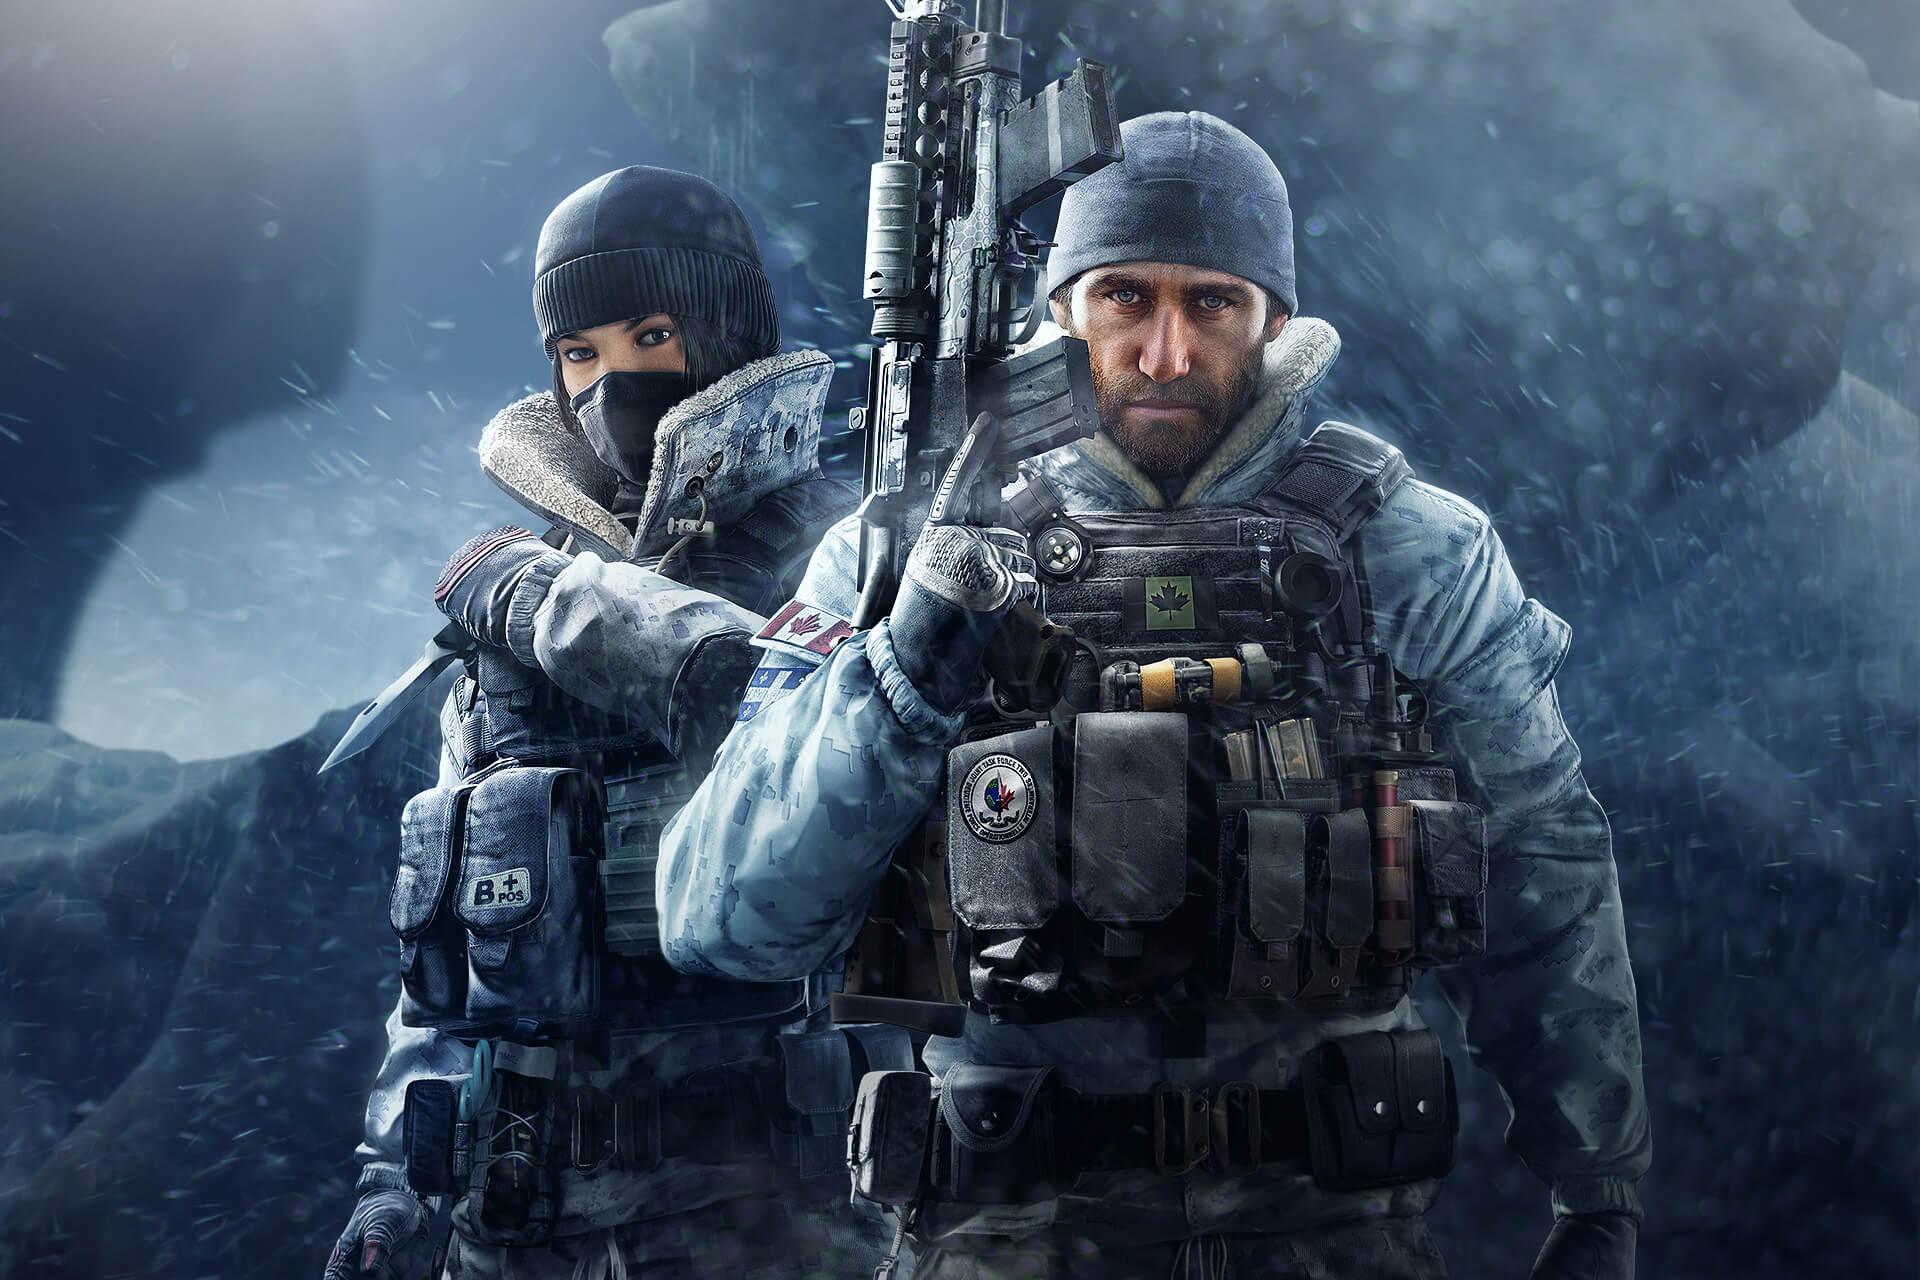 Tom Clancys Rainbow Six Siege Hd Wallpaper Hintergrund